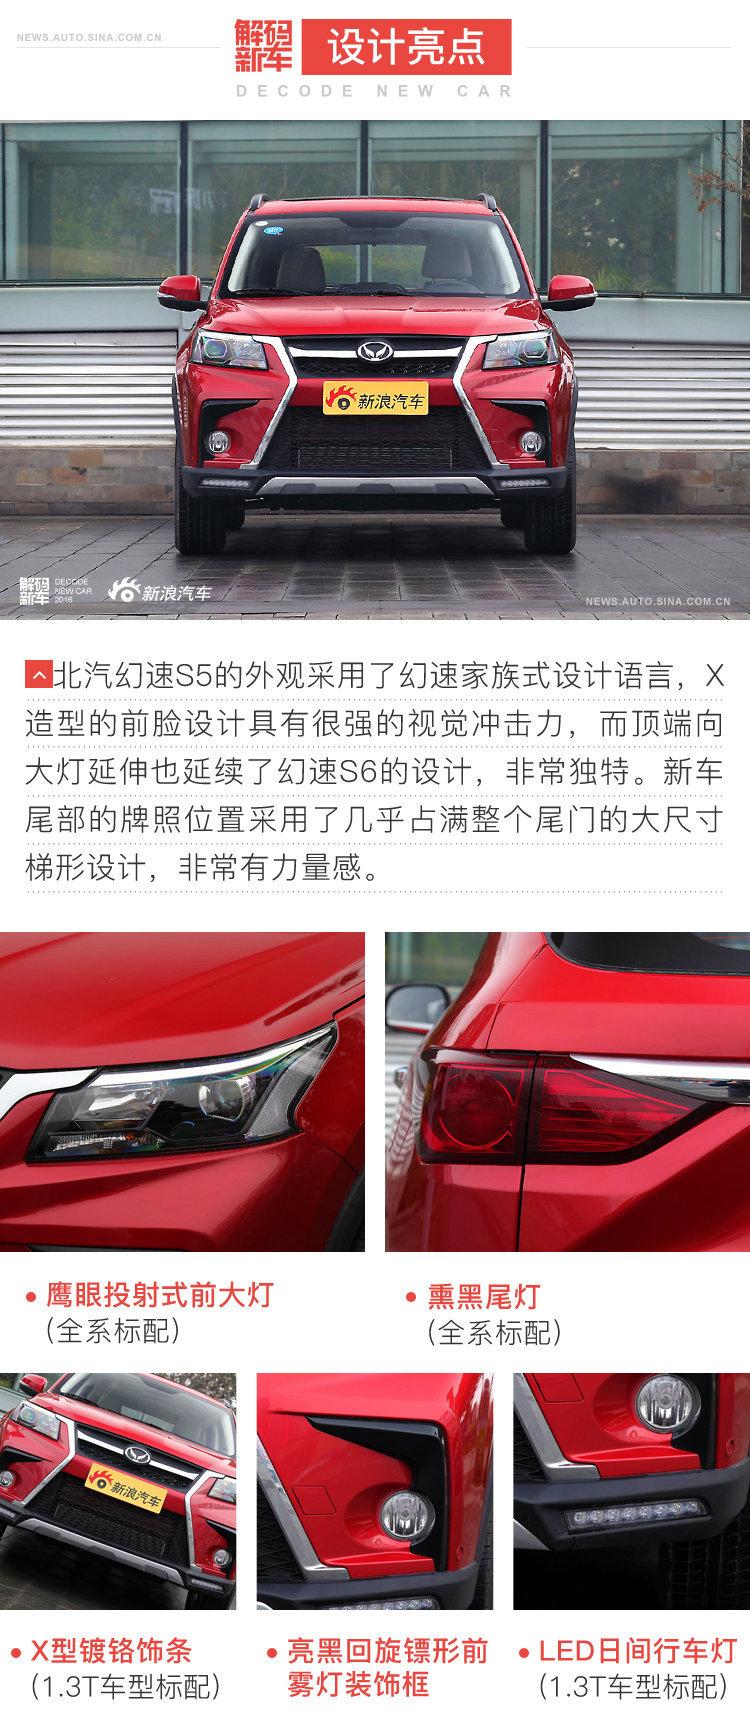 解码新车:北汽幻速S5